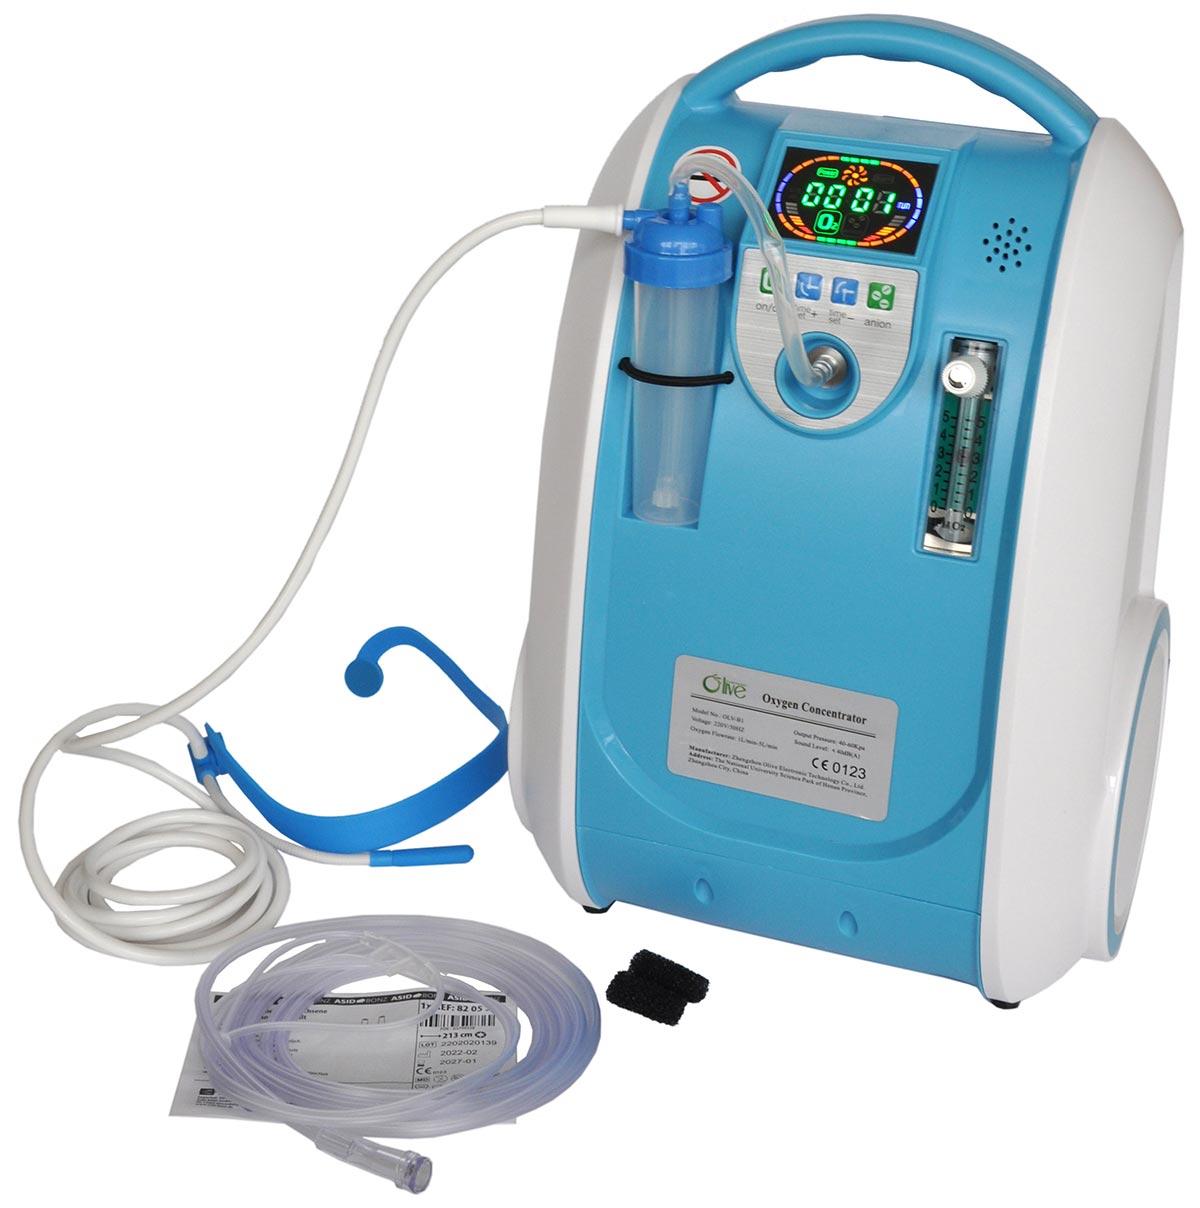 OLIVE Electronic Technology Co.Ltd. KYSLÍKOVÝ KONCENTRÁTOR OLIVE BLUE pro domácí používání